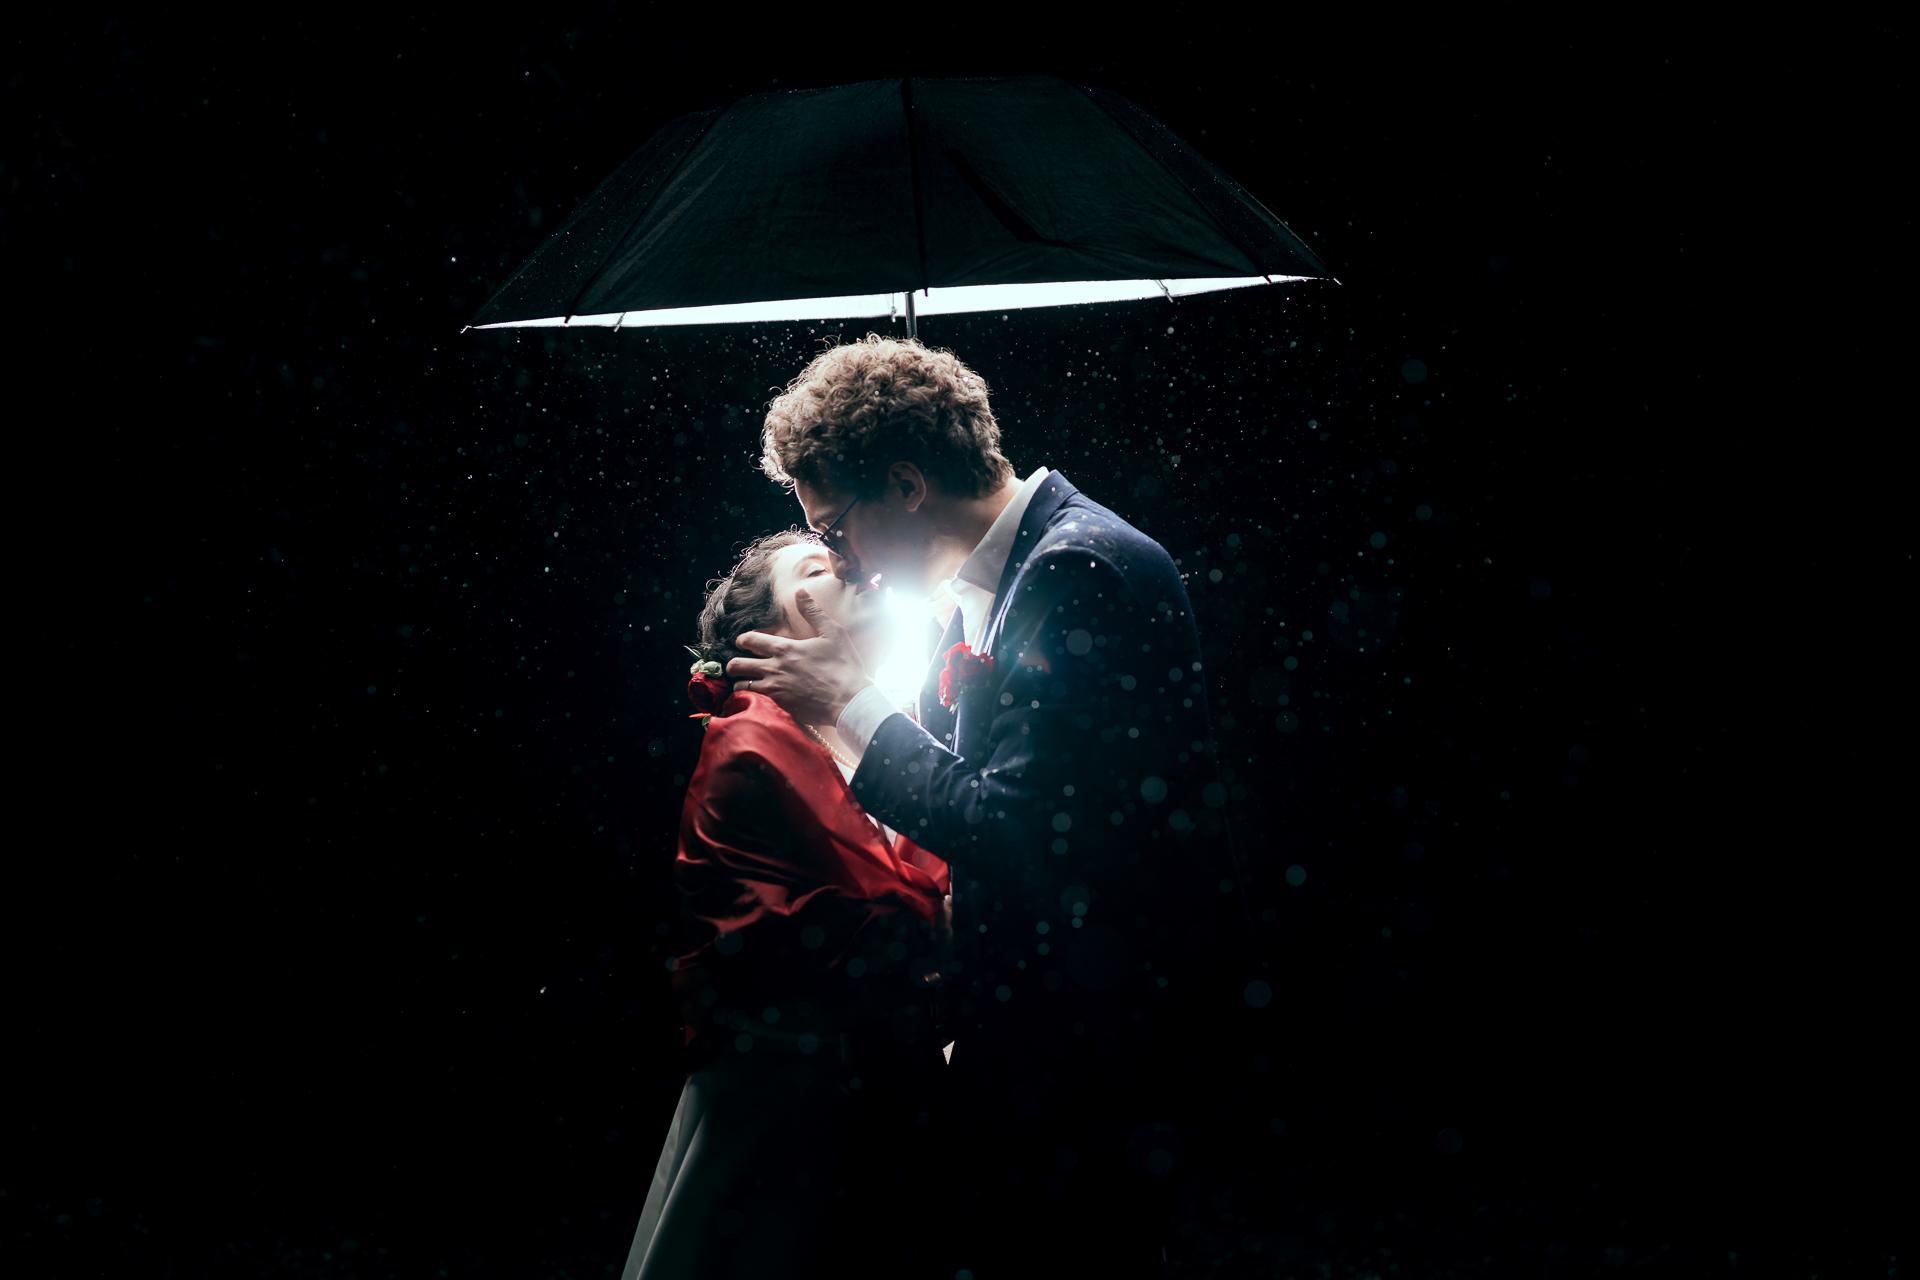 Photographe Mariage France - Couple s'embrassant sous un parapluie